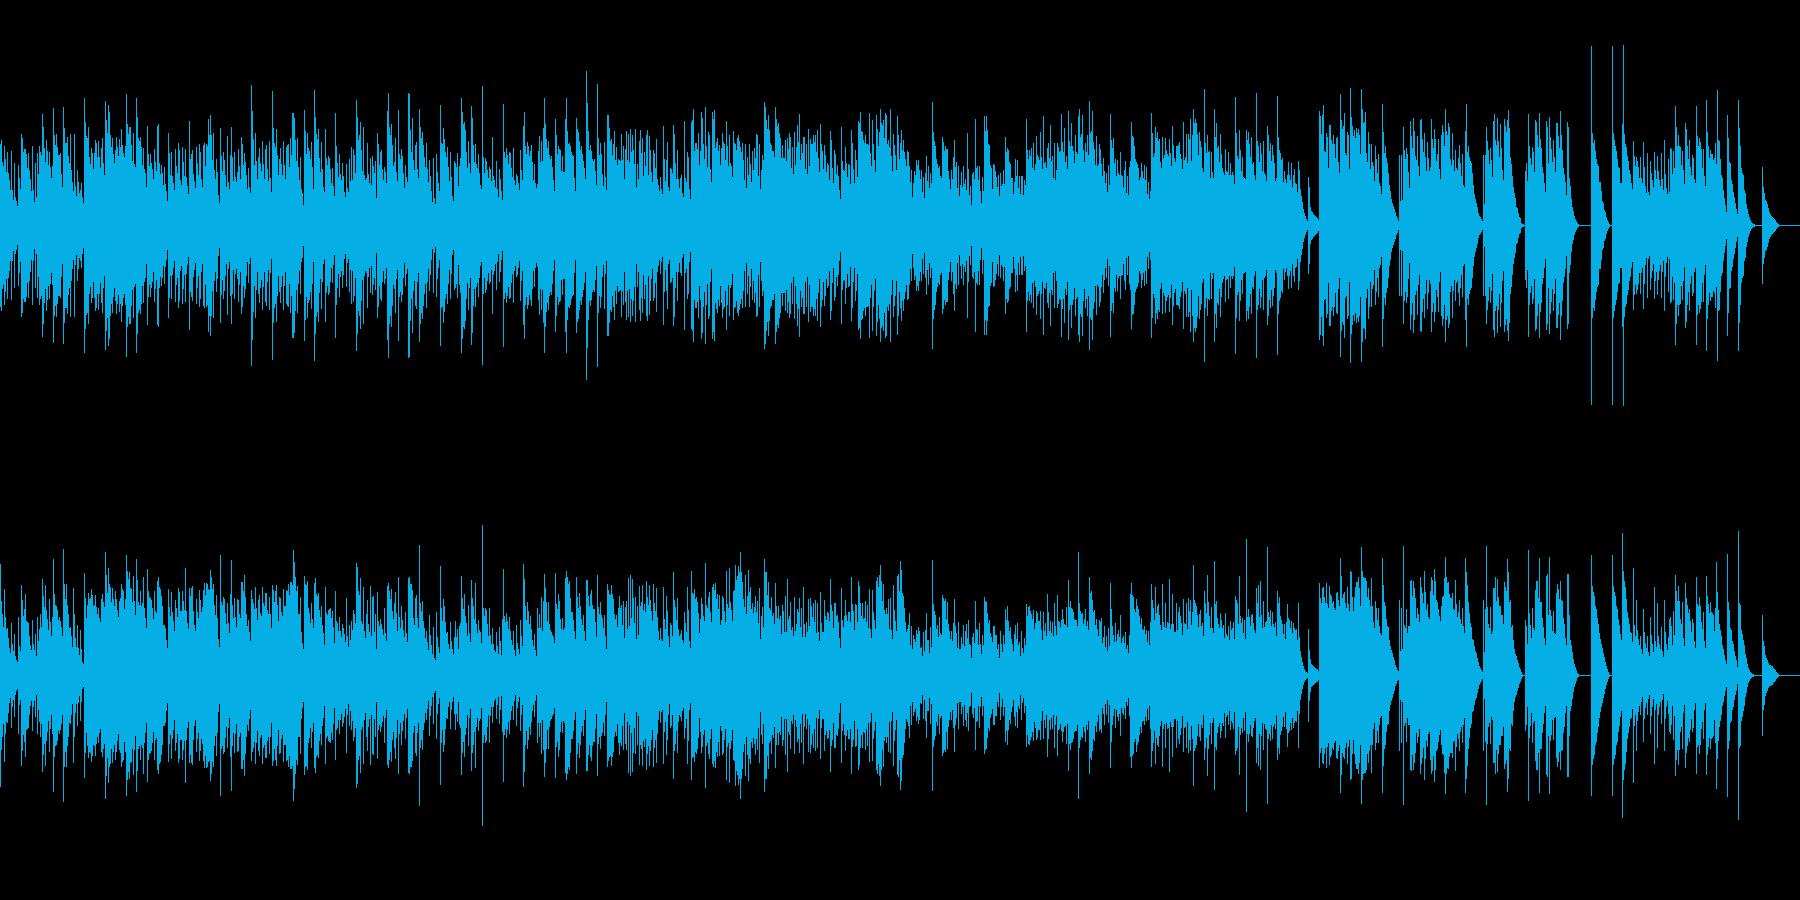 1. 朝 (オルゴール)の再生済みの波形